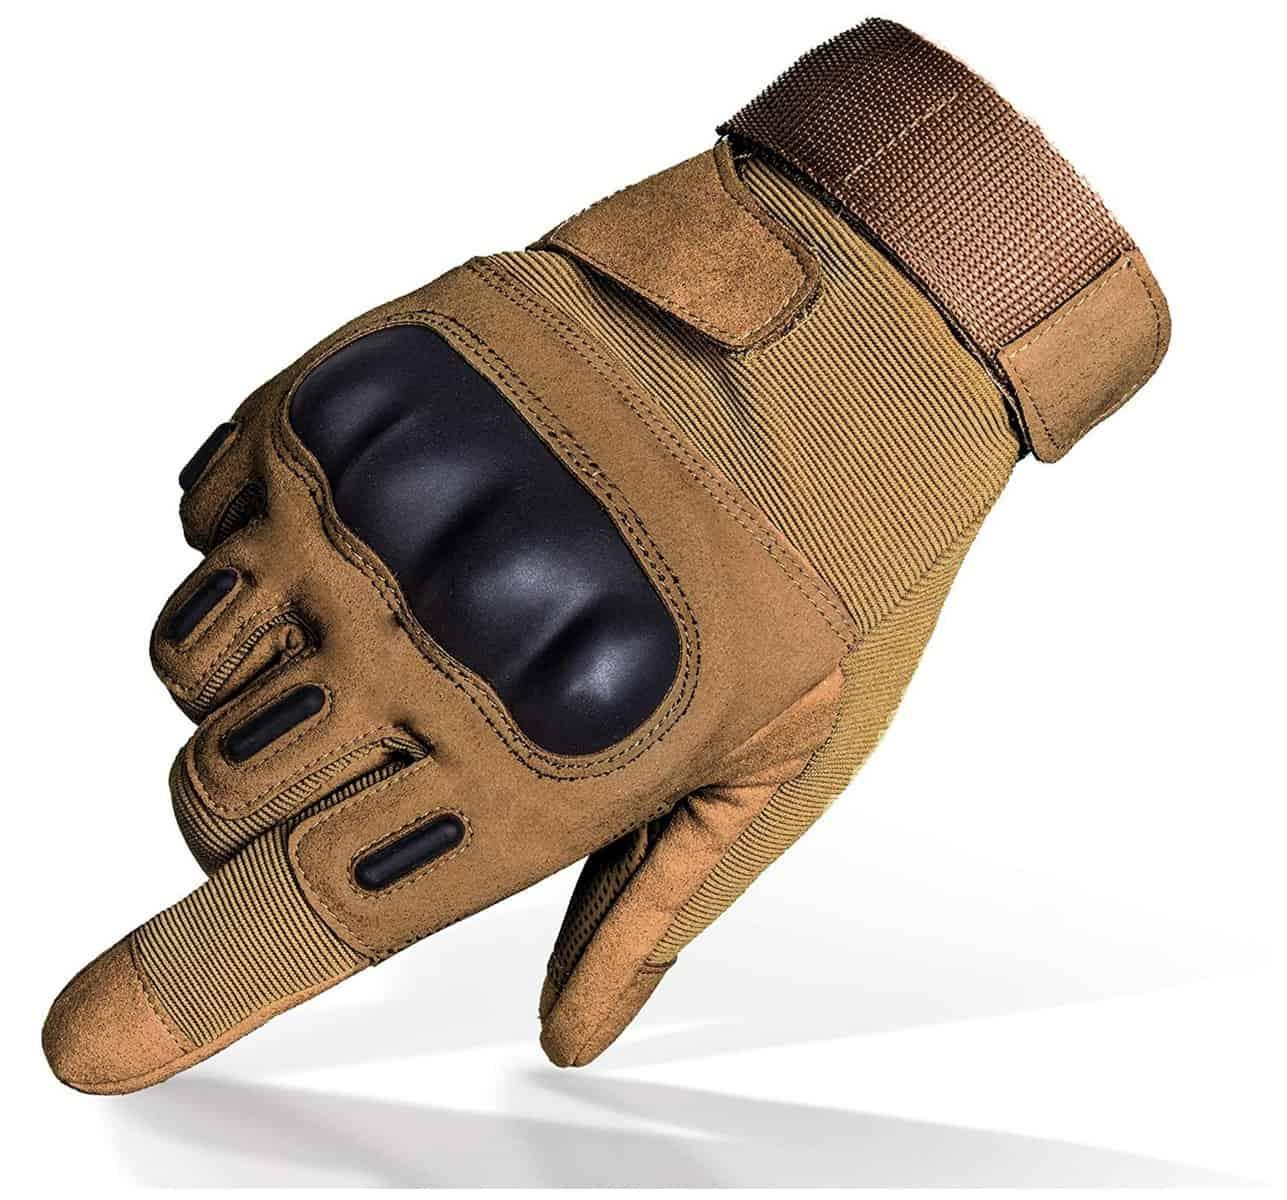 TitanOPS Full Finger Tactical Gloves